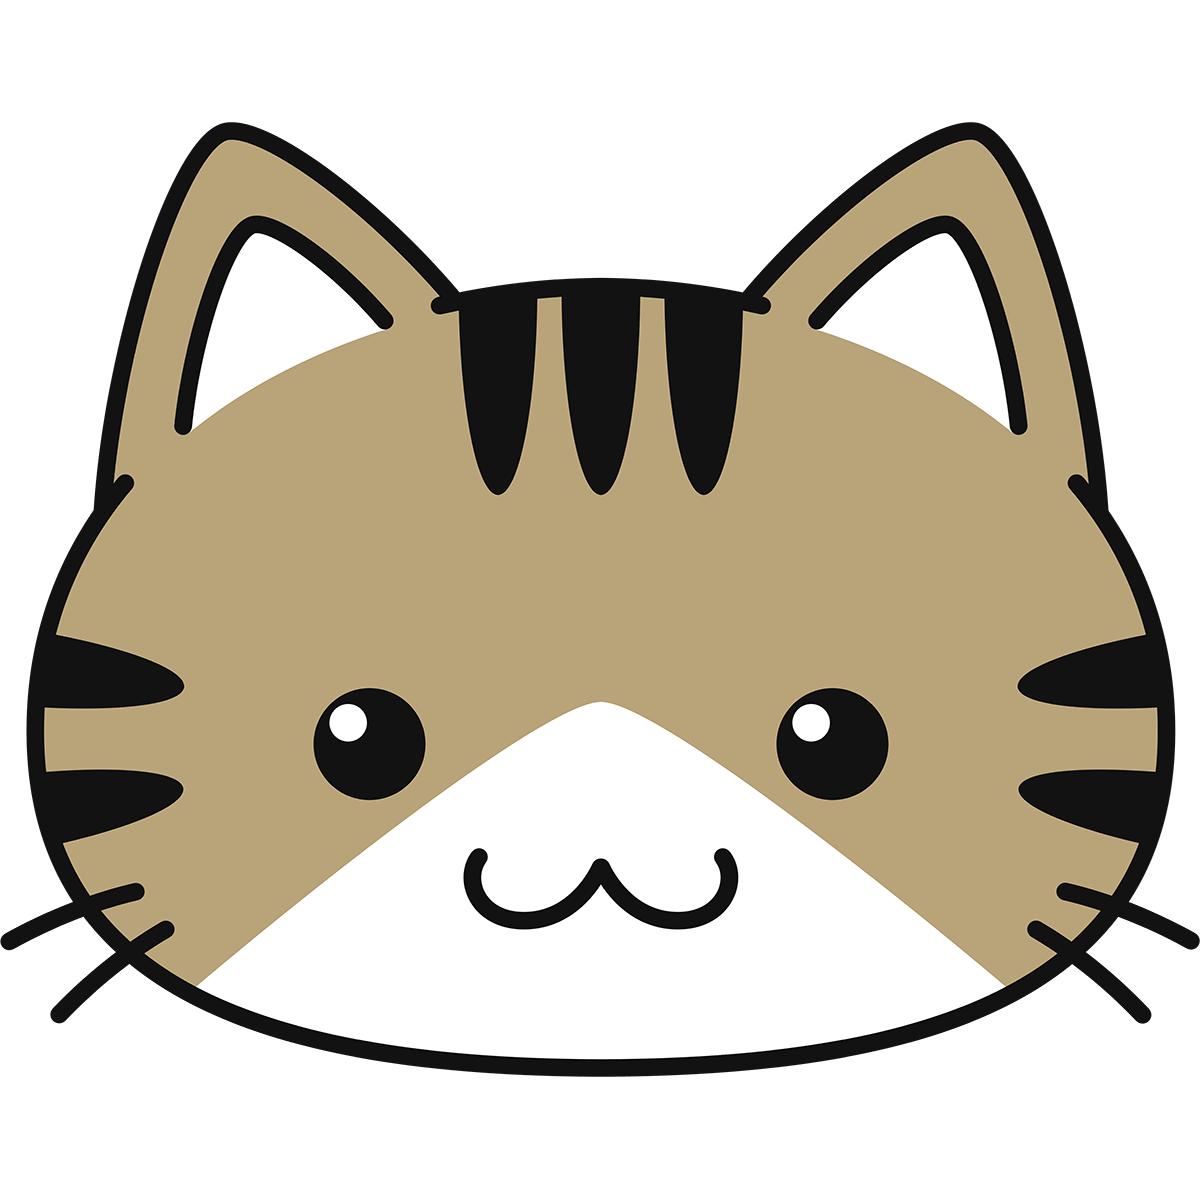 キジ白猫の顔(丸目)の無料イラスト